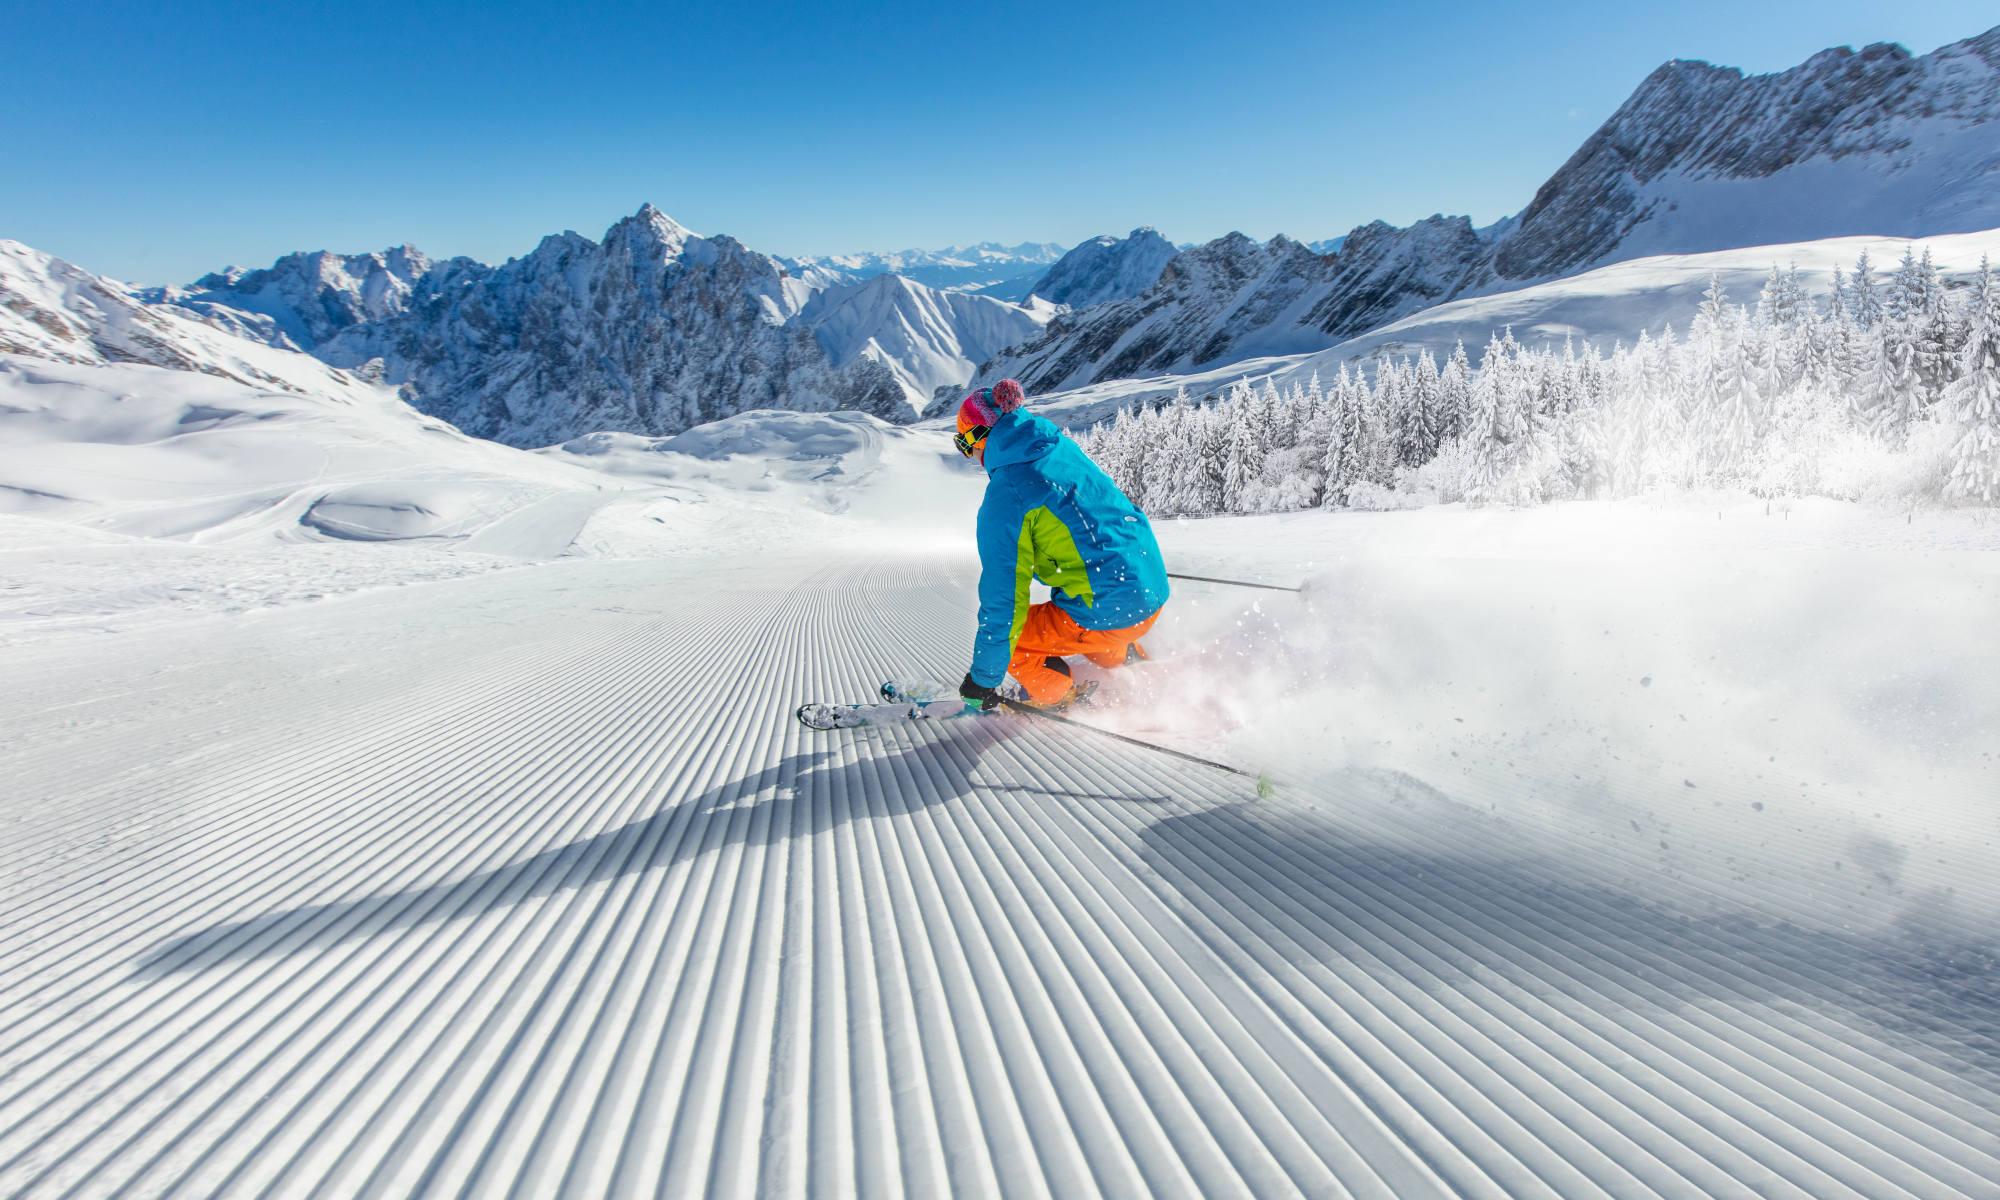 Uno sciatore scivola lungo una pista vuota, con le Dolomiti sullo sfondo.